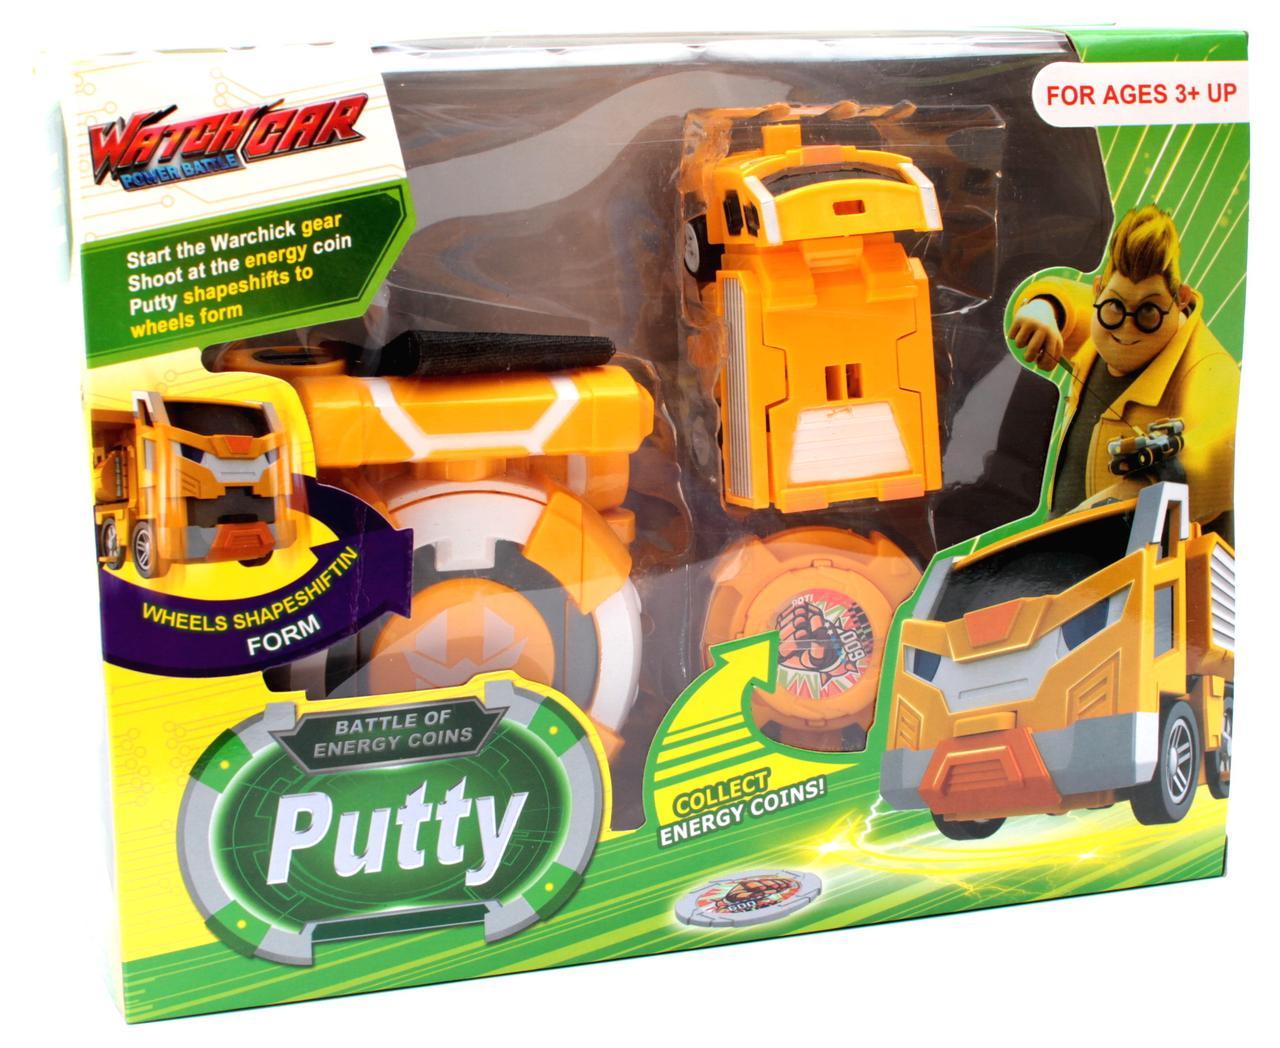 Игровой набор Лига ВотчКар Битвы Чемпионов машинка Поти Игра WatchCar Putty(Malu)